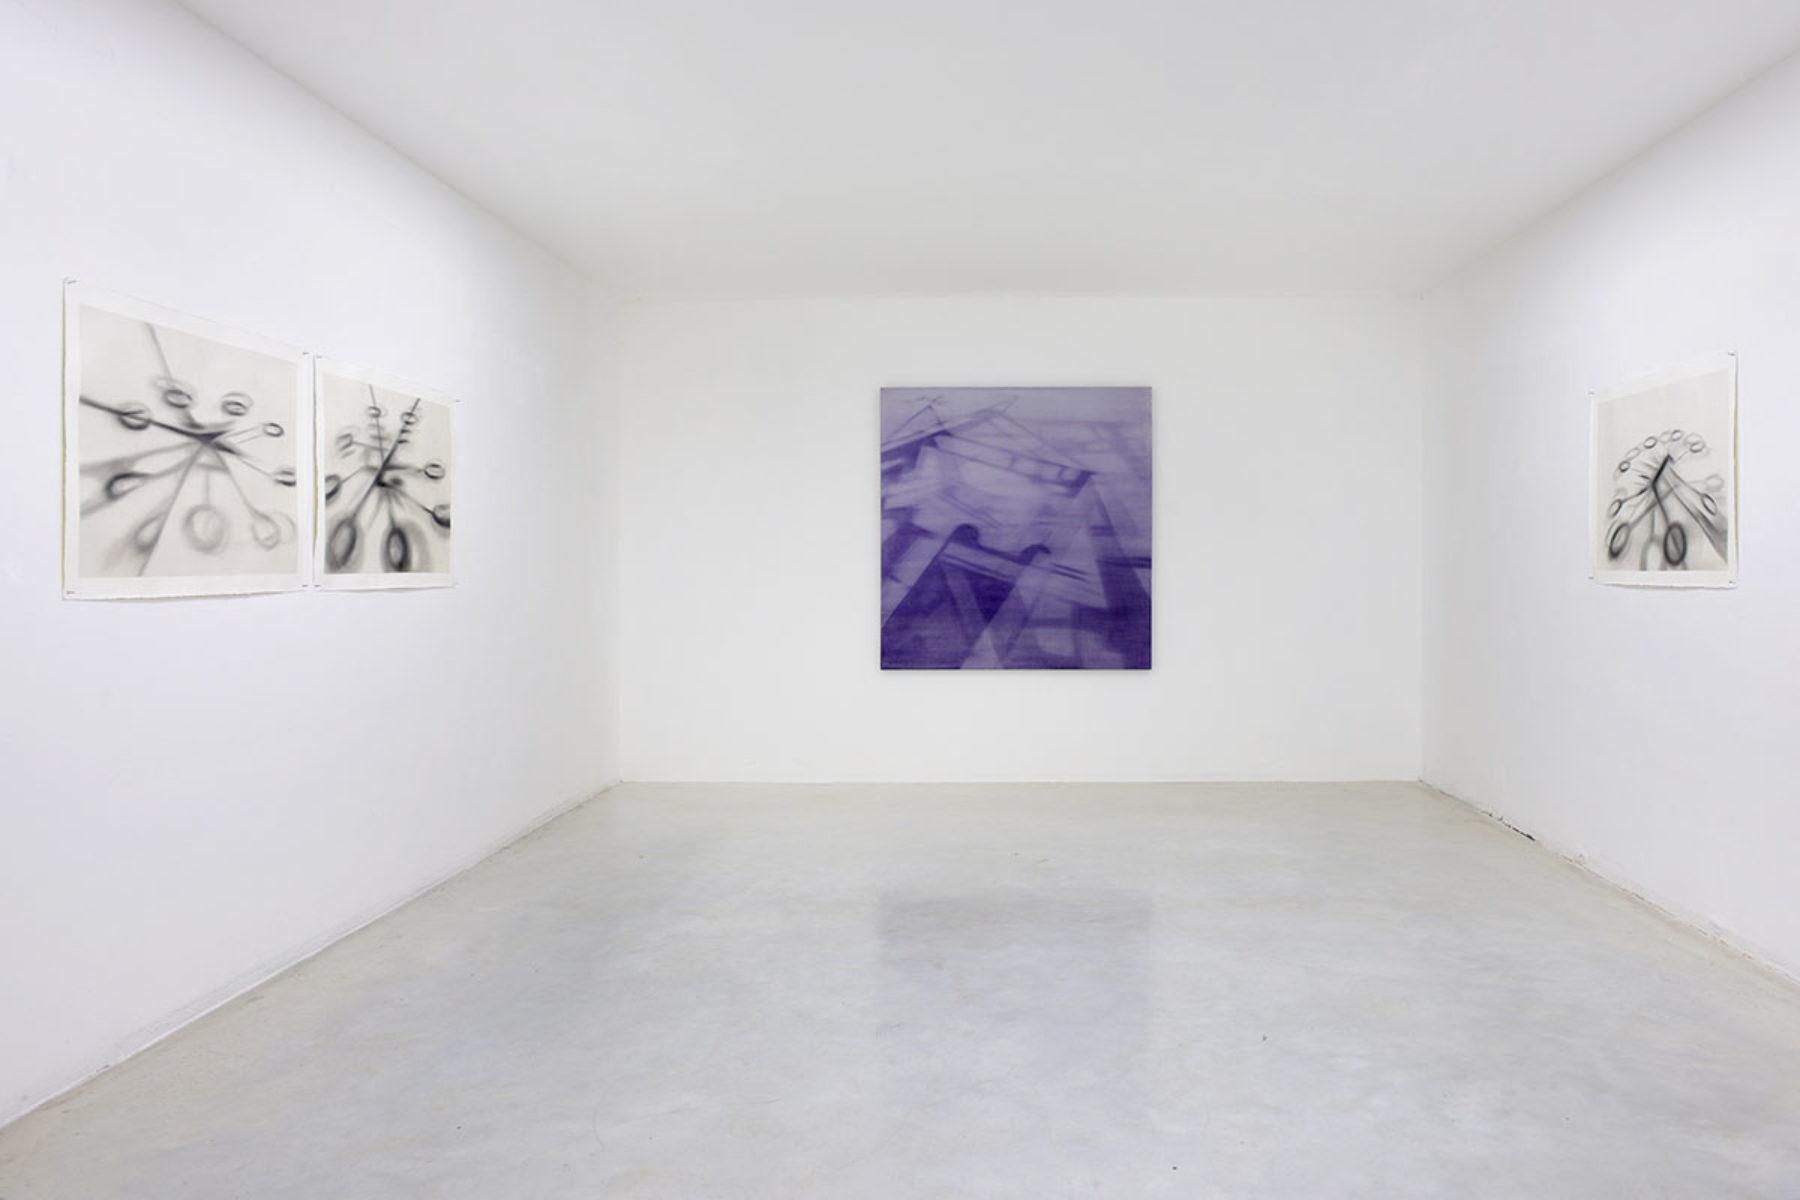 Antonio Marchetti Lamera, Tempo subìto, tempo anticipato, 2019, installation view, Studio la Città, Verona, ph. M.A. Sereni